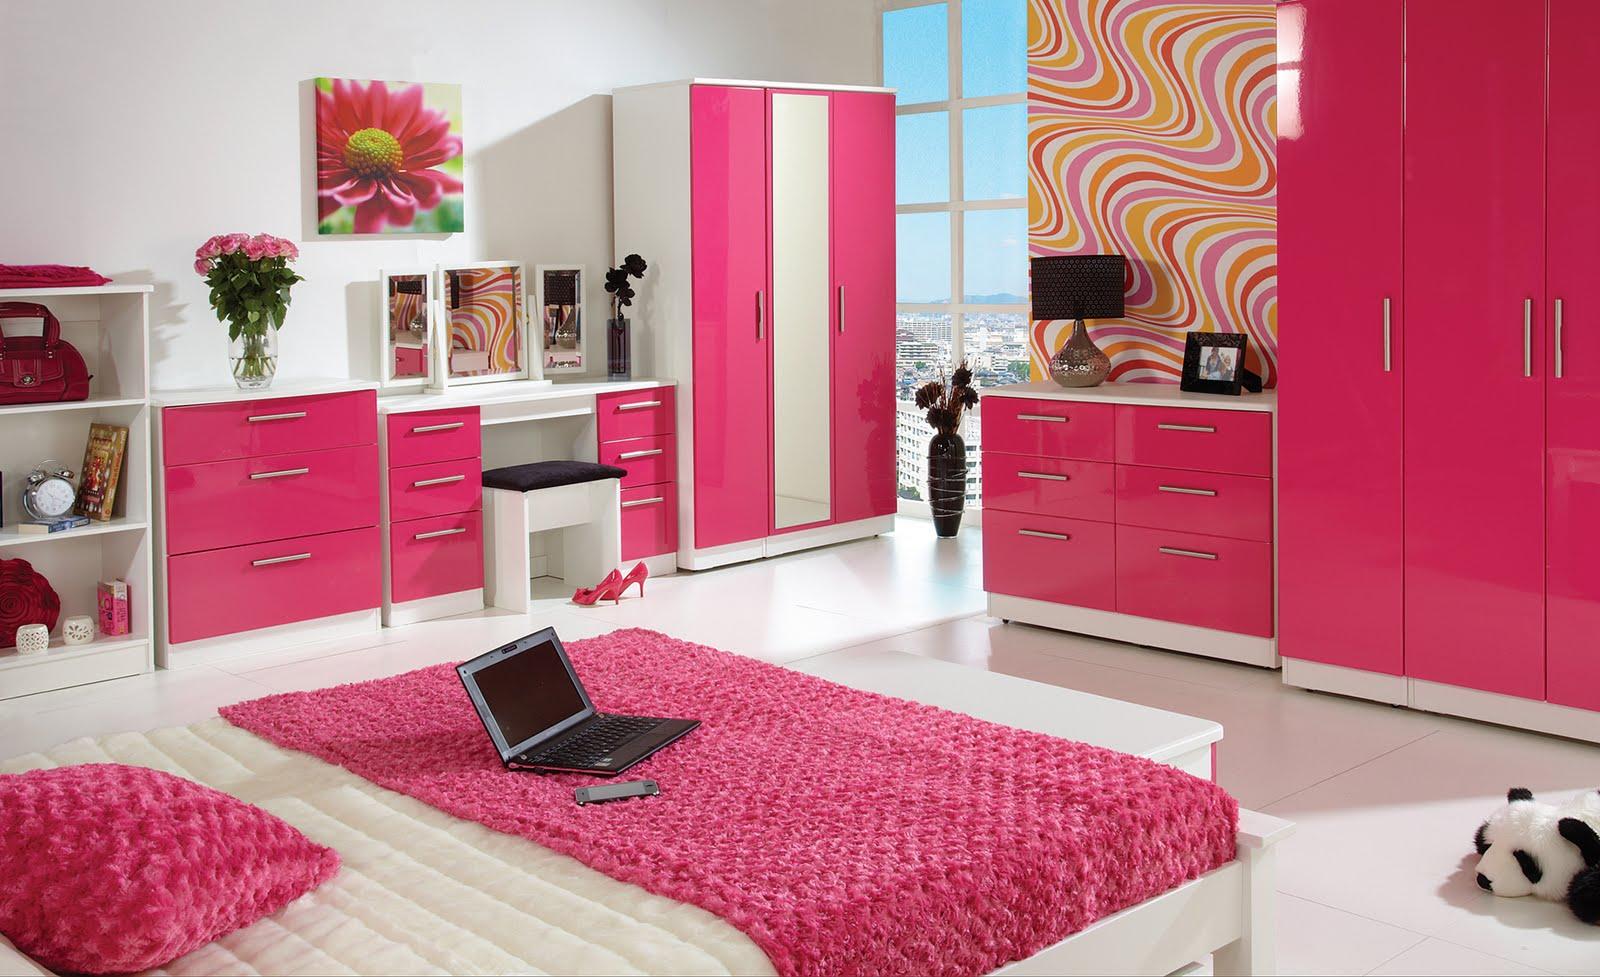 http://3.bp.blogspot.com/_Idr02Js88vY/TA5xhk1oqLI/AAAAAAAAAI4/0cmDaodKxjg/s1600/Knightsbridge%20White-Pink%20Gloss.jpg